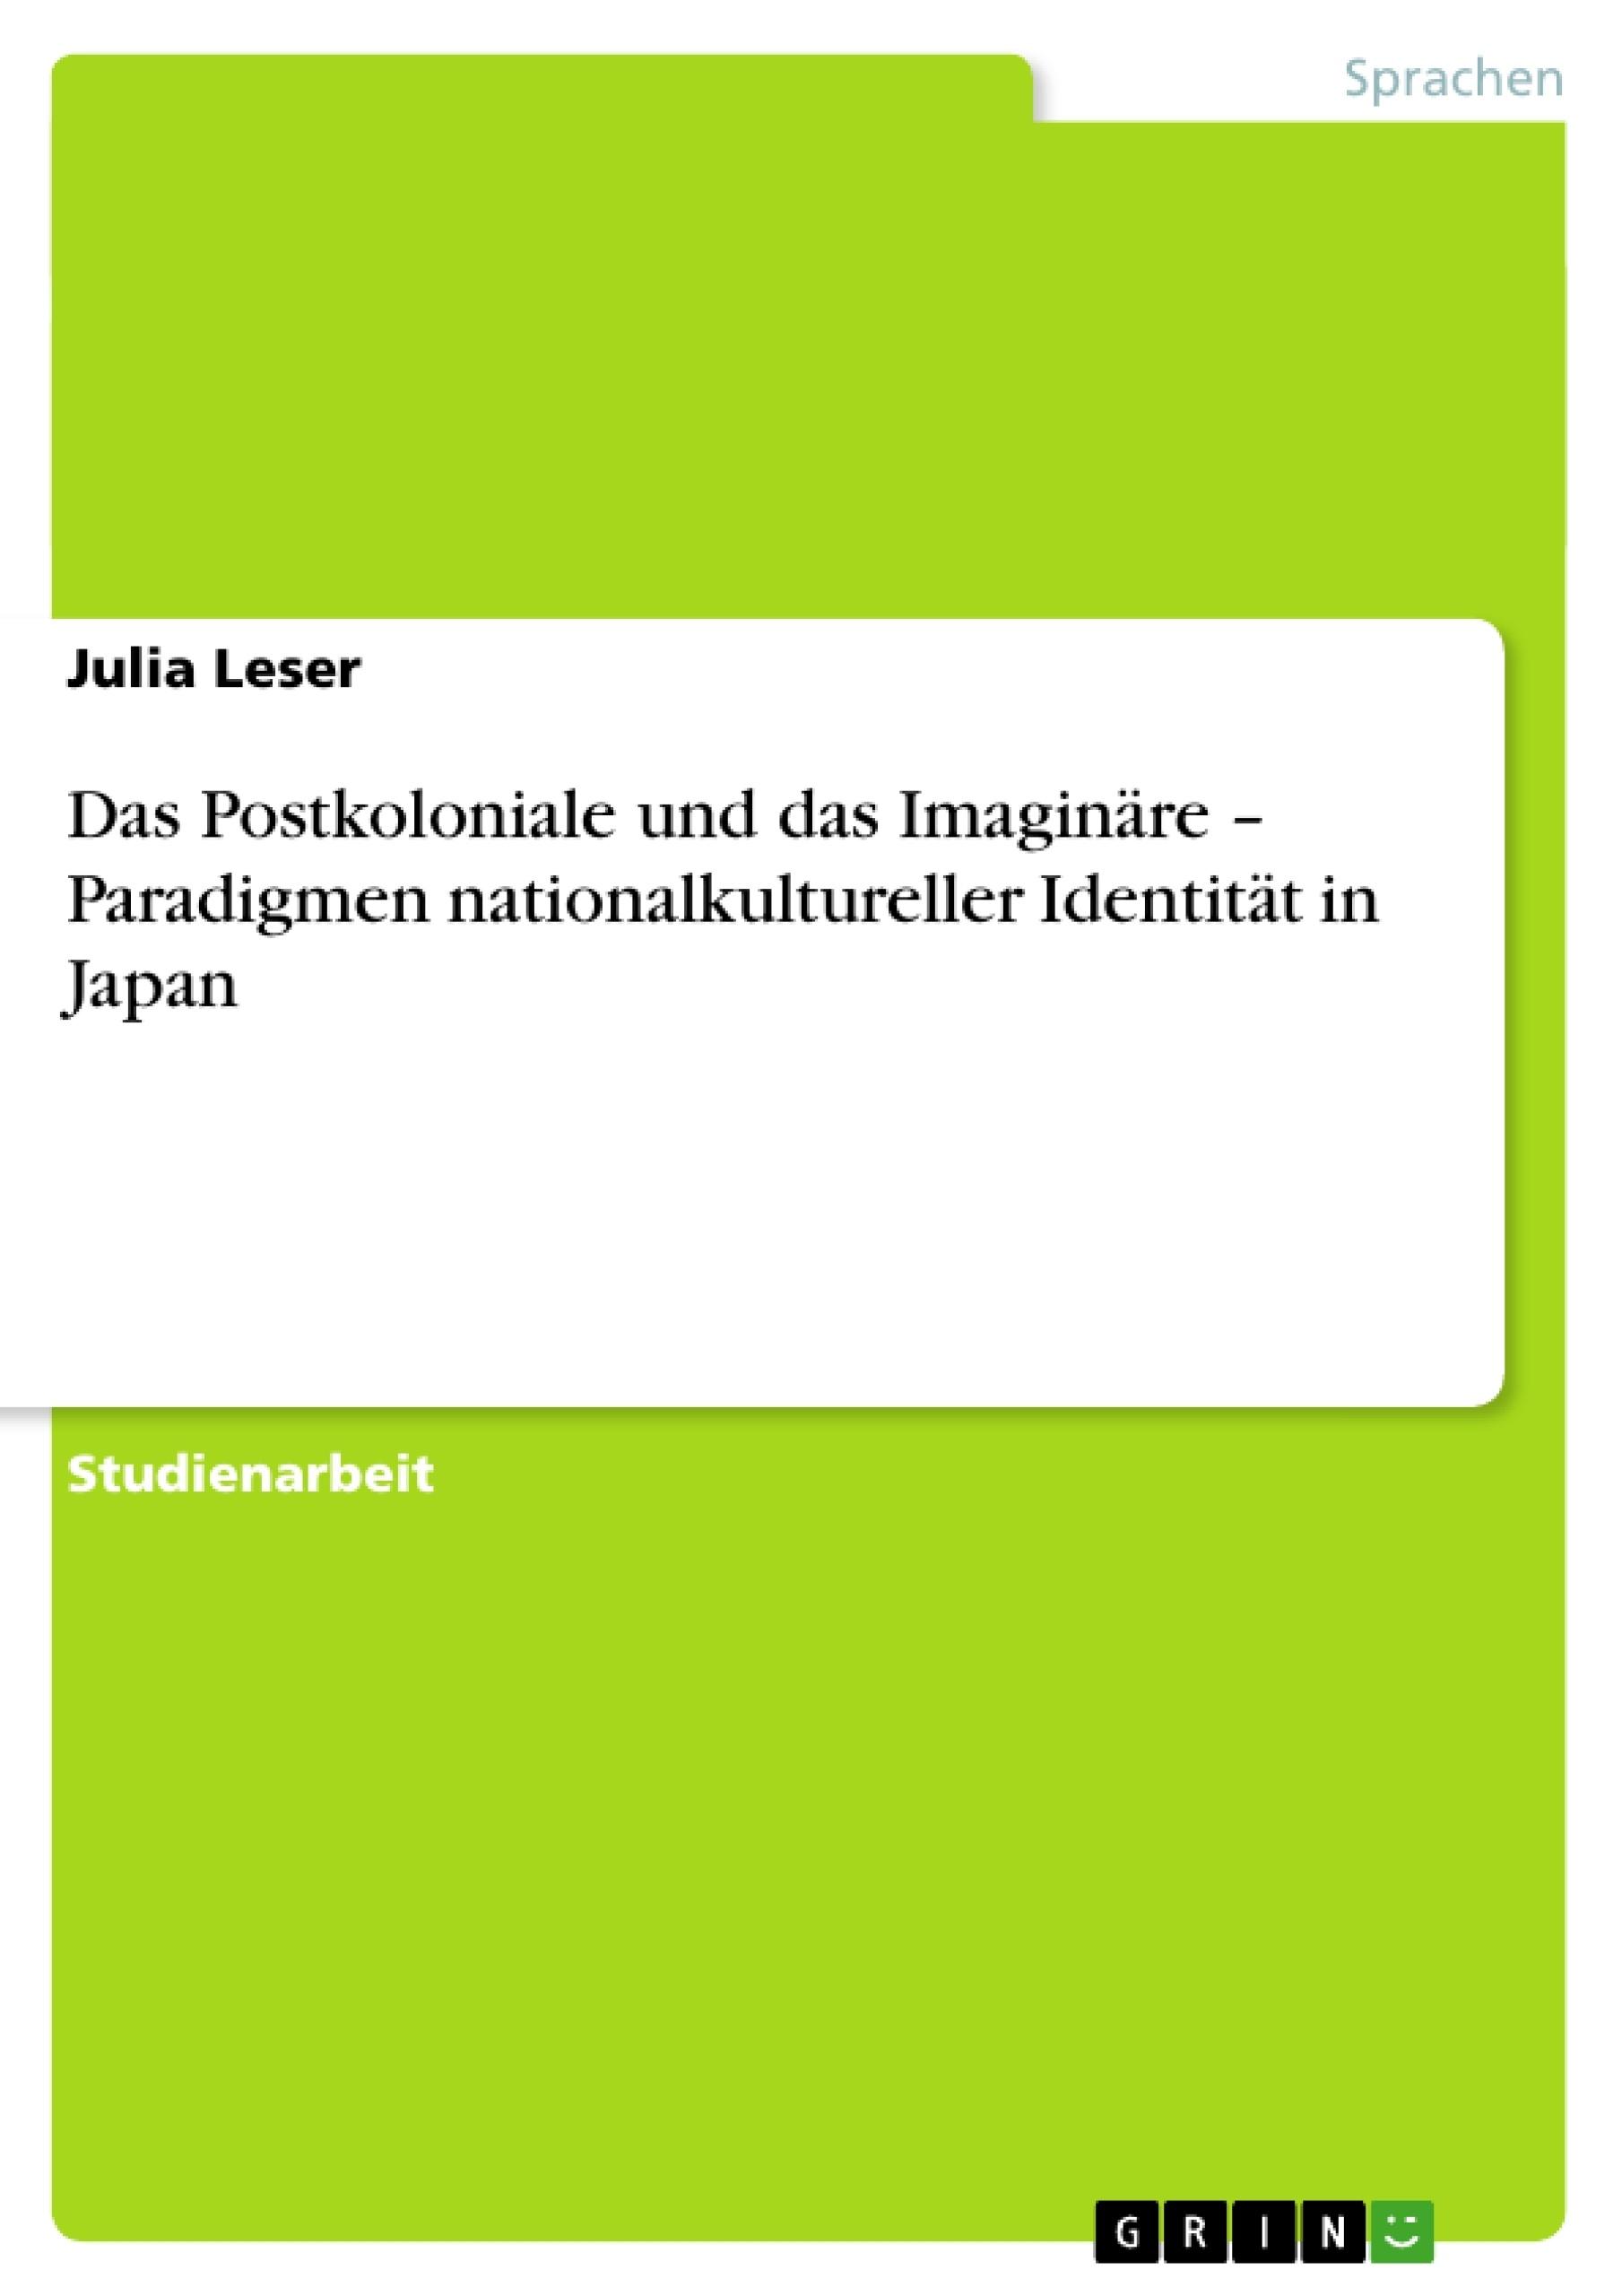 Titel: Das Postkoloniale und das Imaginäre – Paradigmen nationalkultureller Identität in Japan